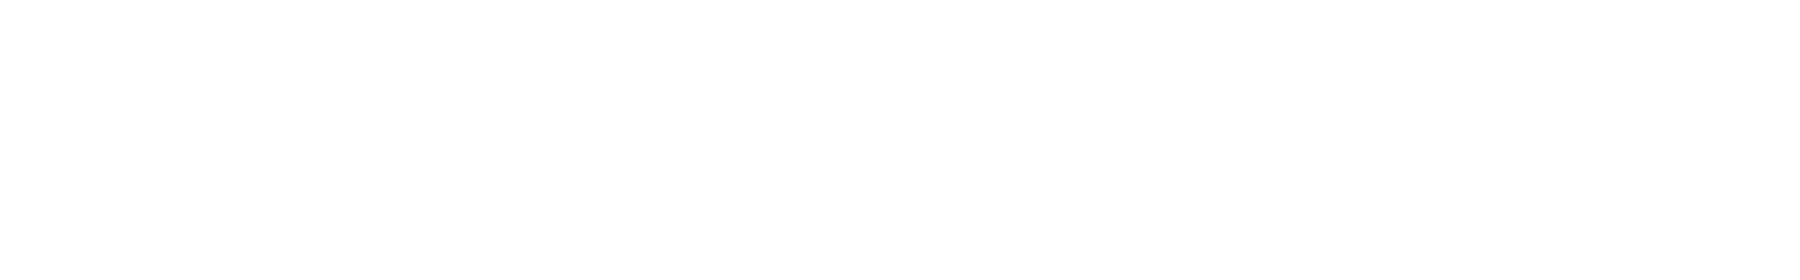 guitarfunk06 80